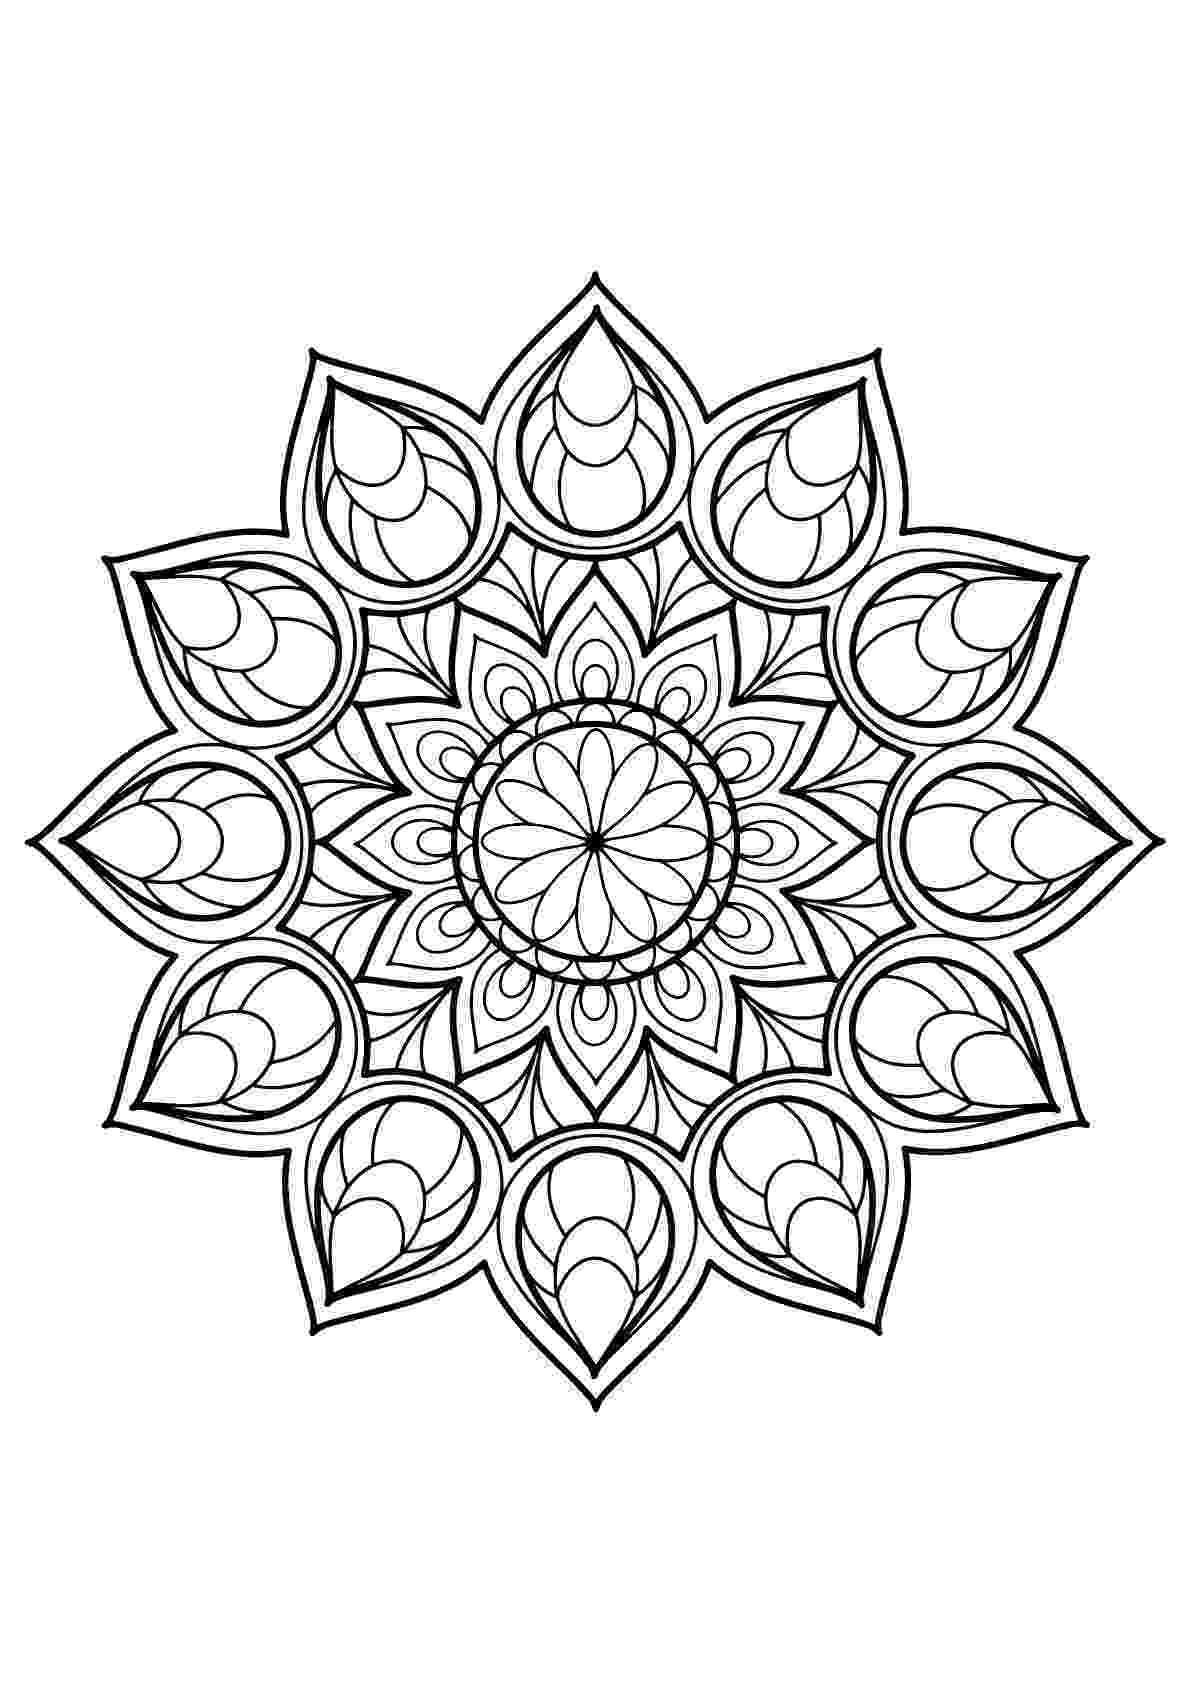 mandalas for coloring mandala to download in pdf 6 malas adult coloring pages coloring mandalas for